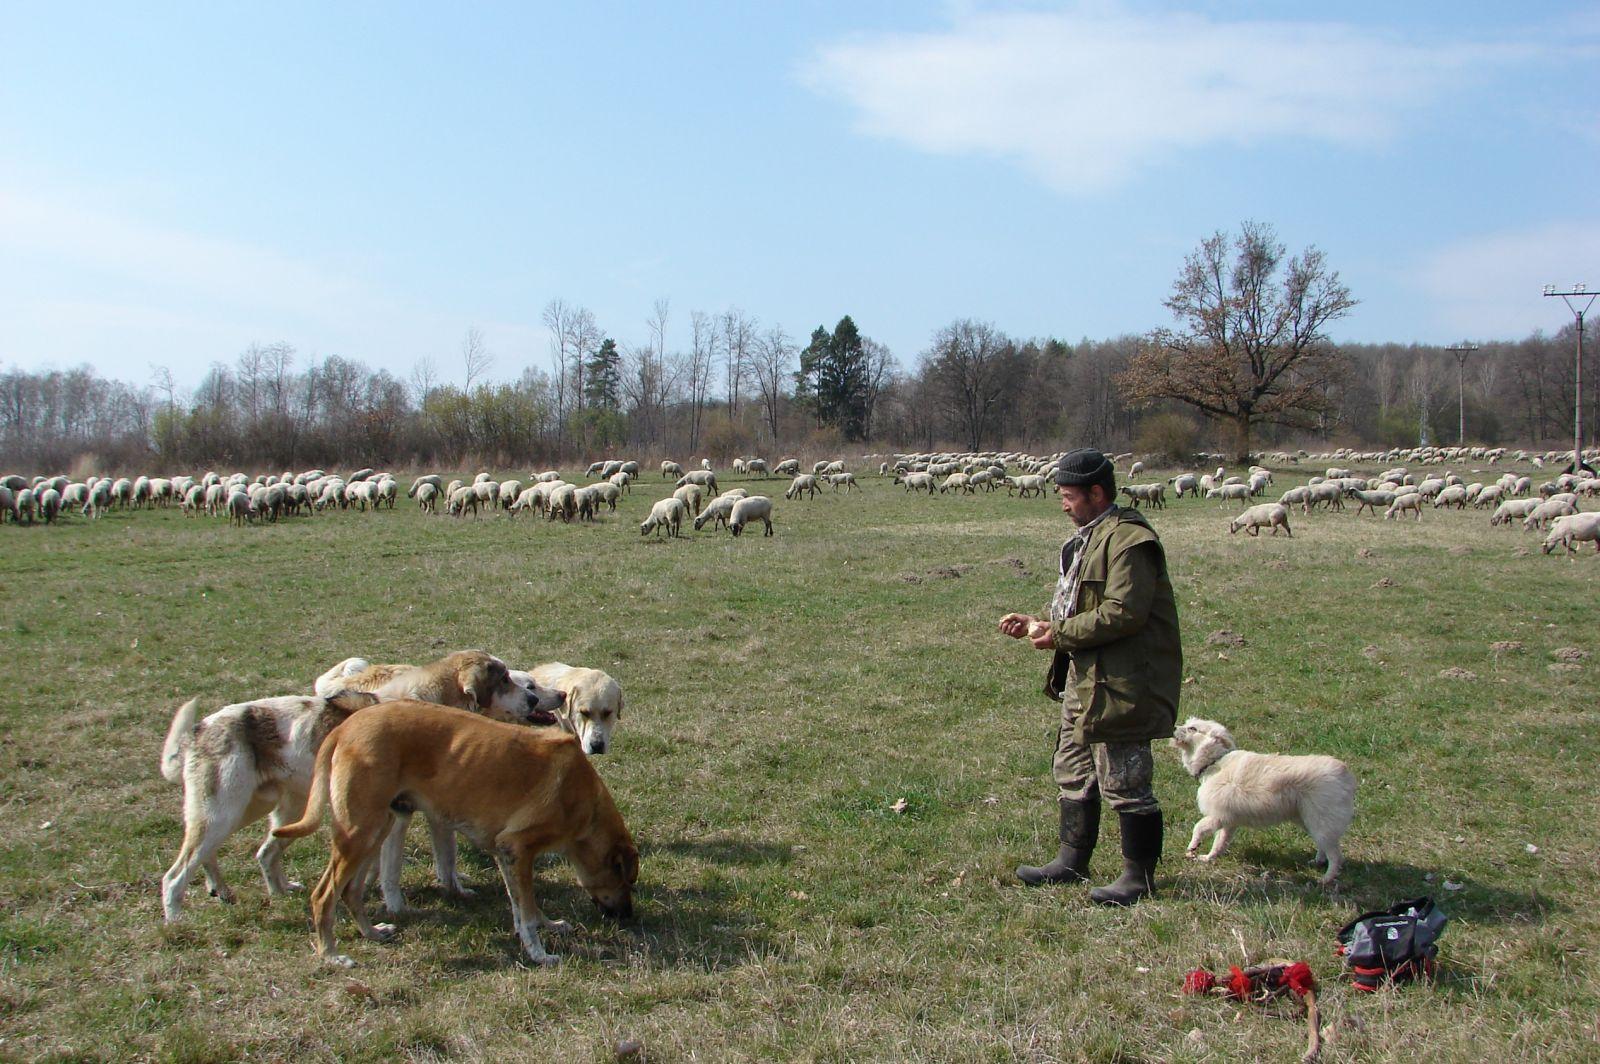 Dobré ovčiarske psy môžu ochrániť stádo pred šelmami. WWF chce pomôcť pri návrate týchto psov na salaše.